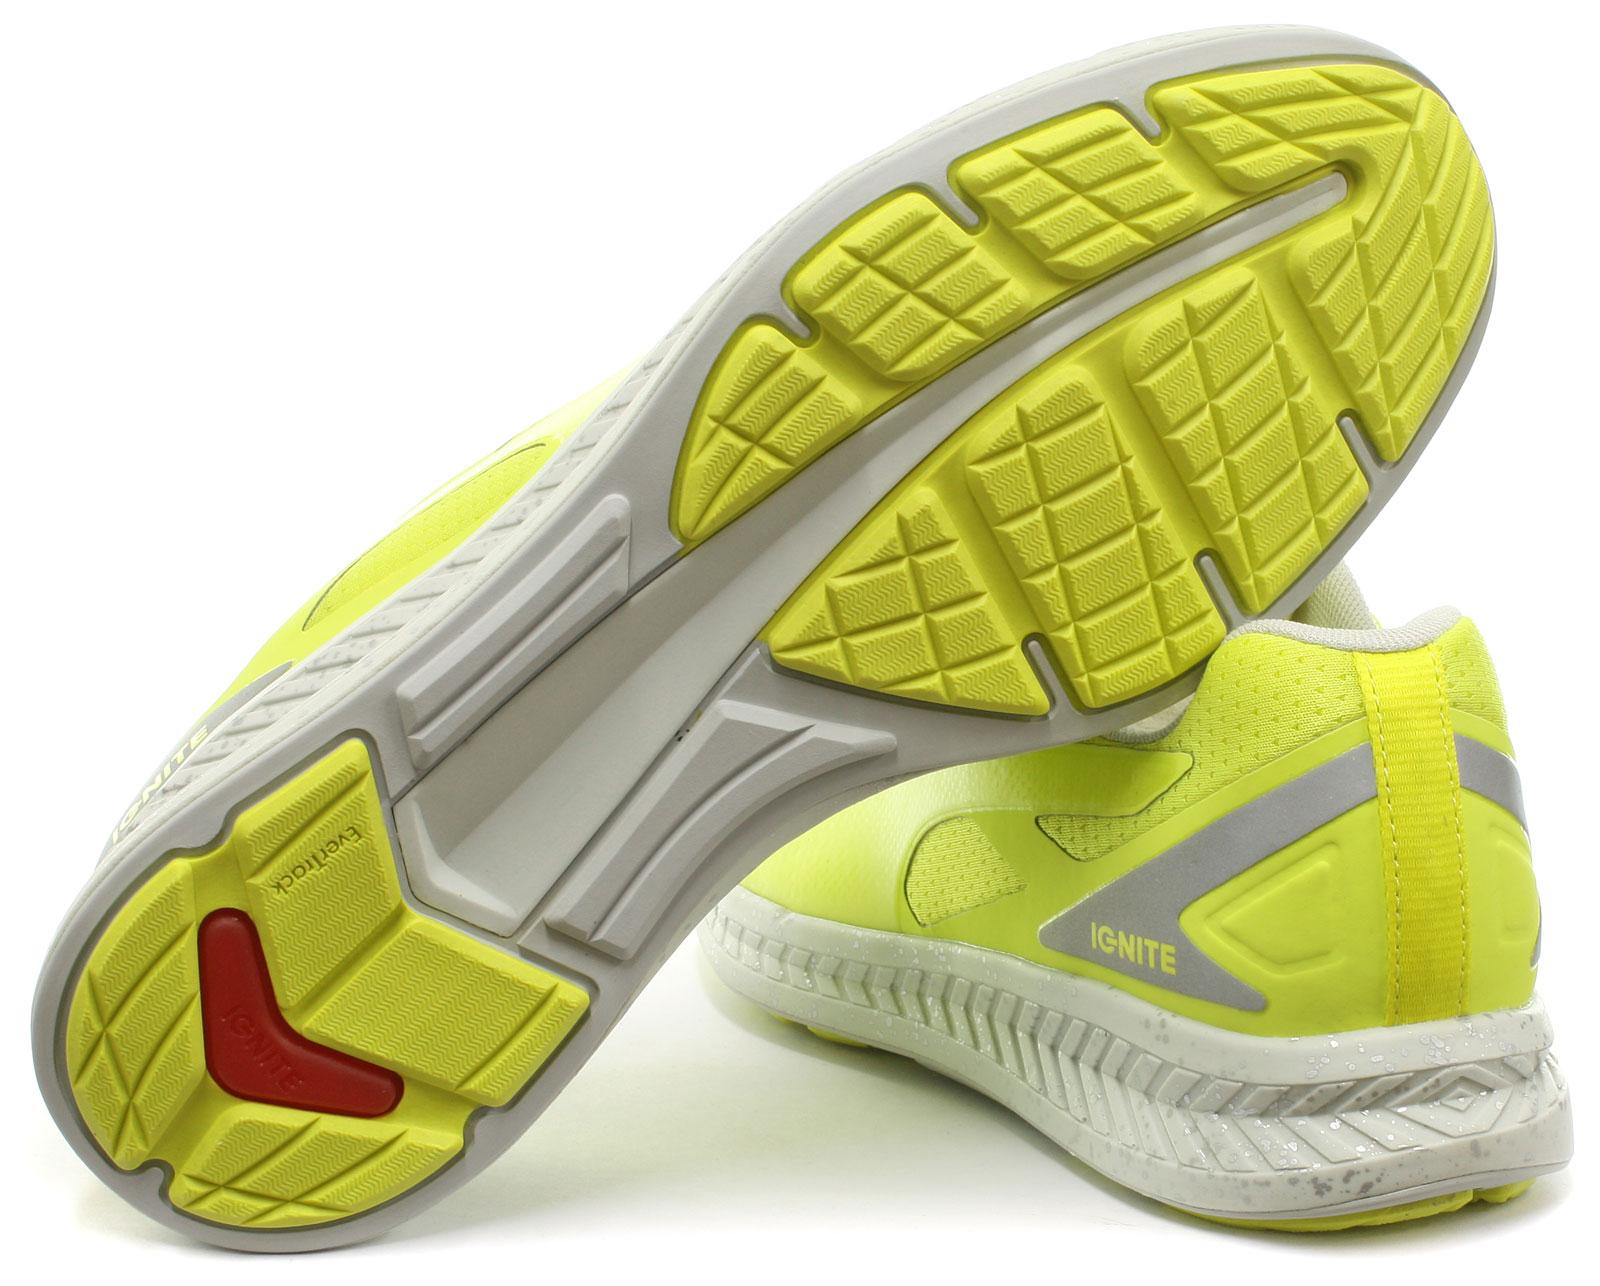 Puma-IGNITE-Fast-Forward-Scarpe-sportive-uomo-Scarpe-da-corsa-tutte-le-taglie